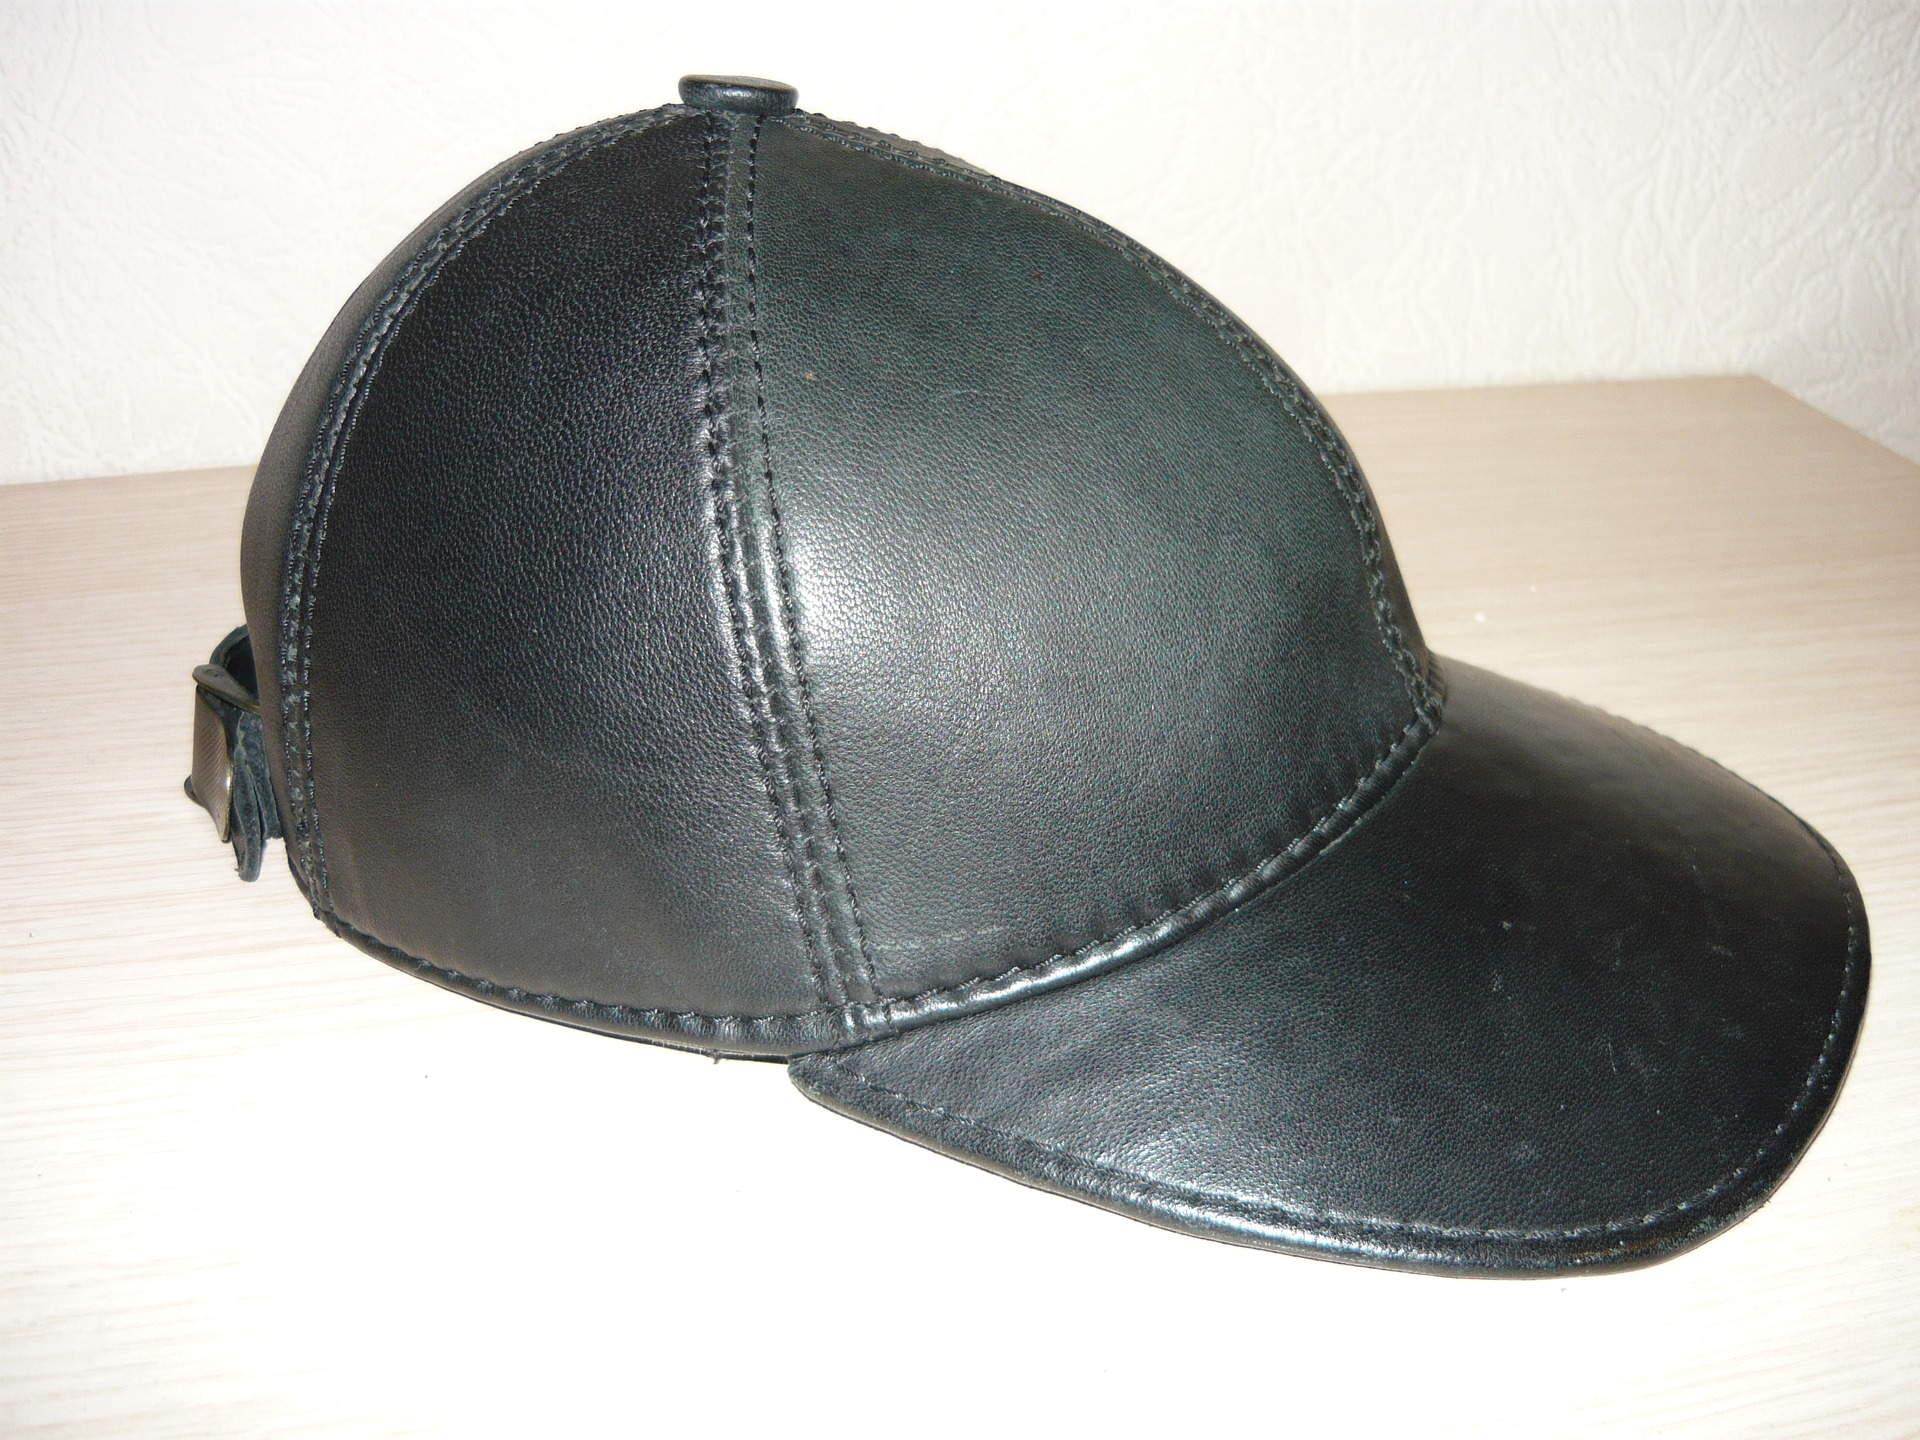 dc69bf4322adc 1920 X 1440 744.3 Kb Женский и мужской пуховики, мужские туфли, кепка,  женская